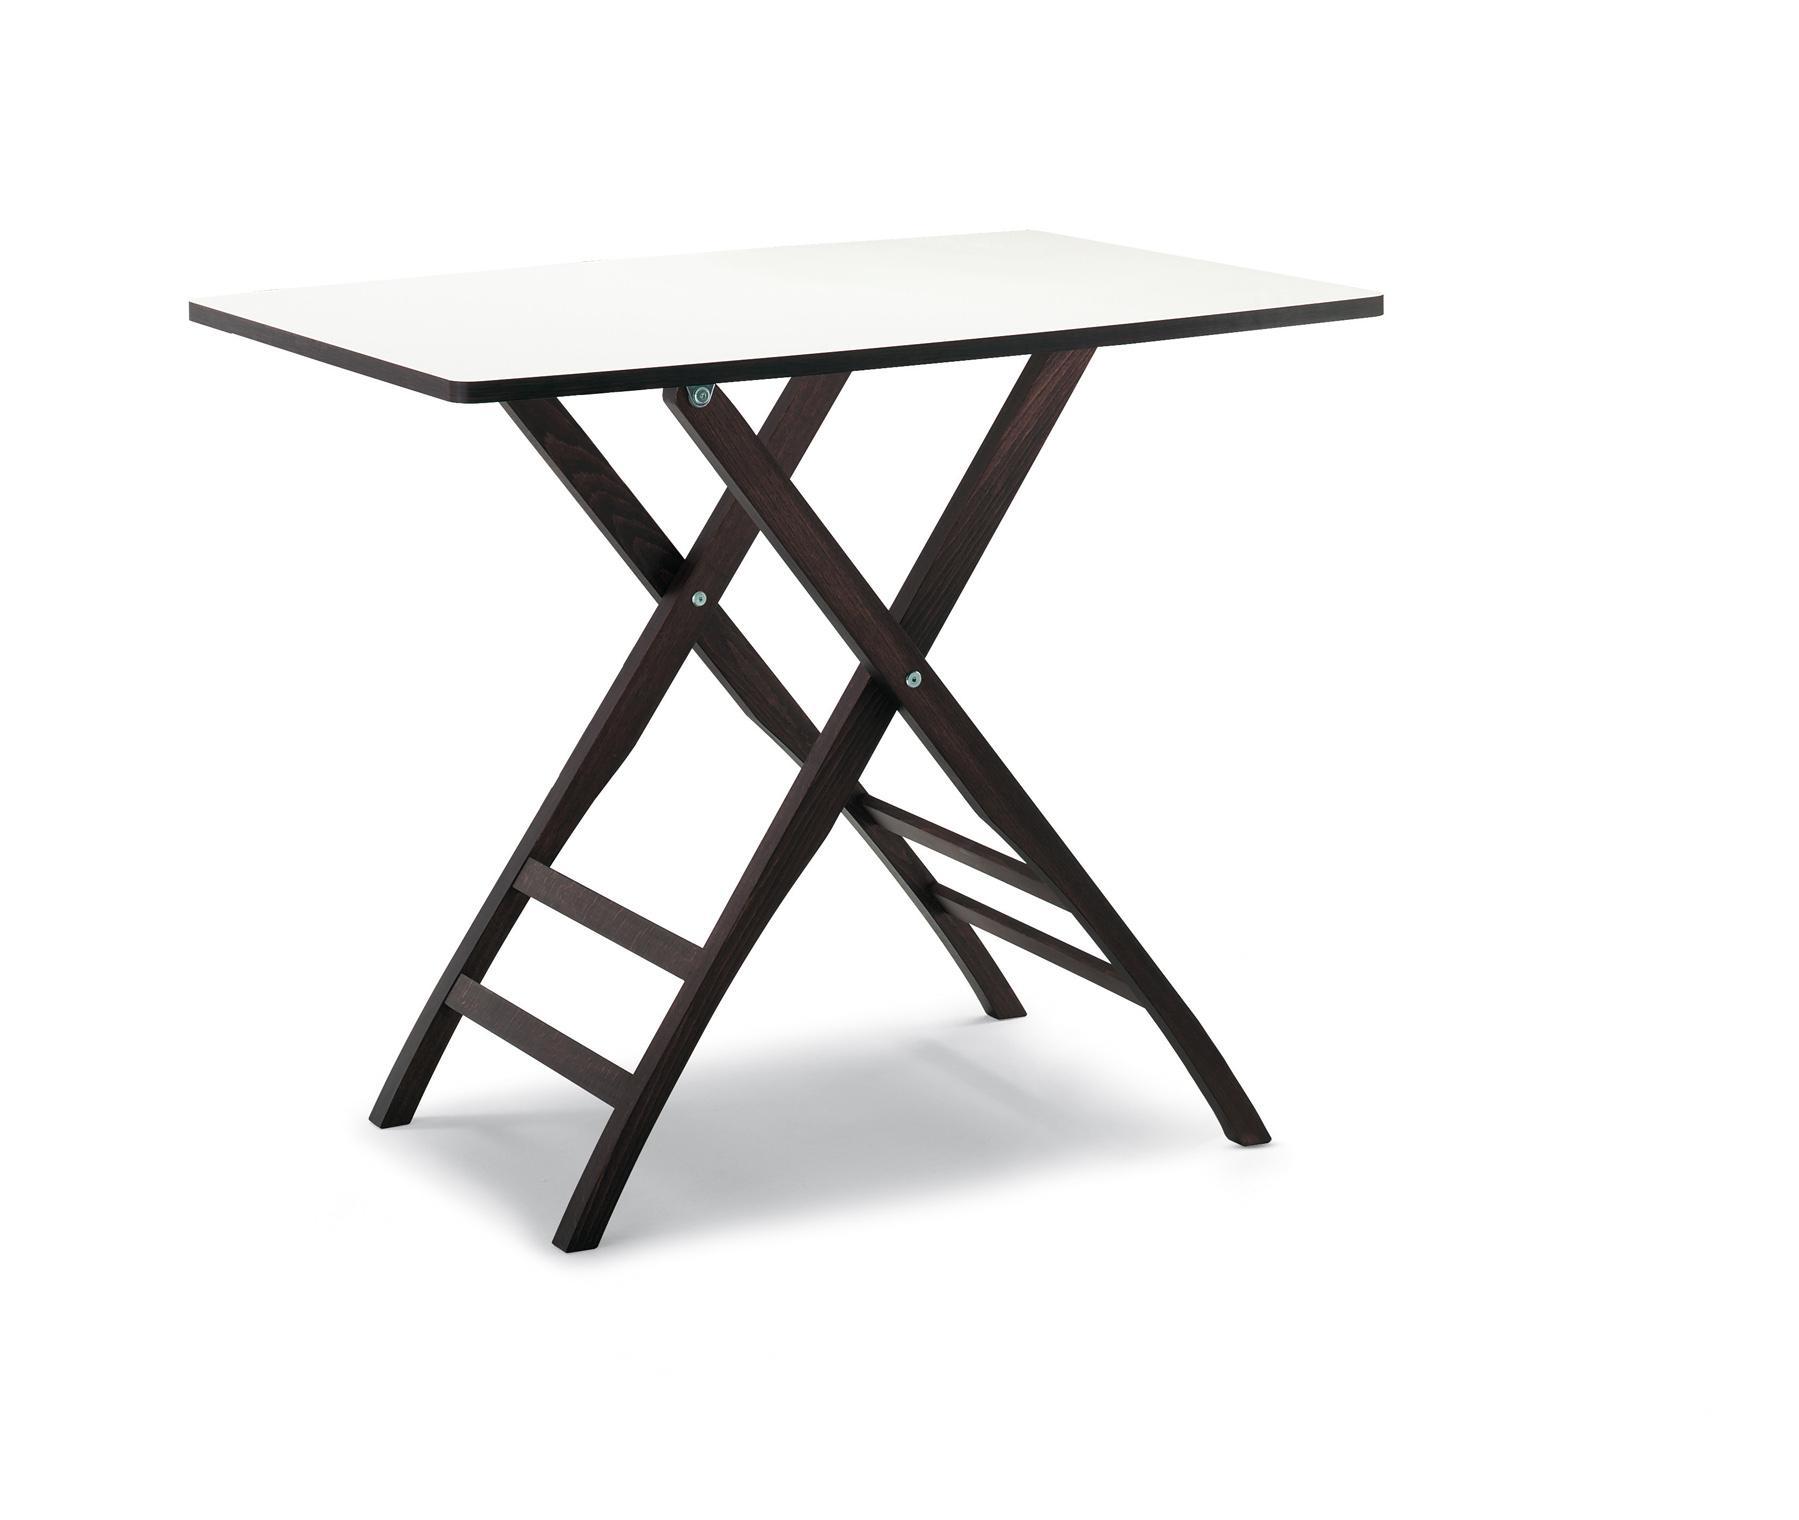 tische design 4 0 1000 0 st cke. Black Bedroom Furniture Sets. Home Design Ideas